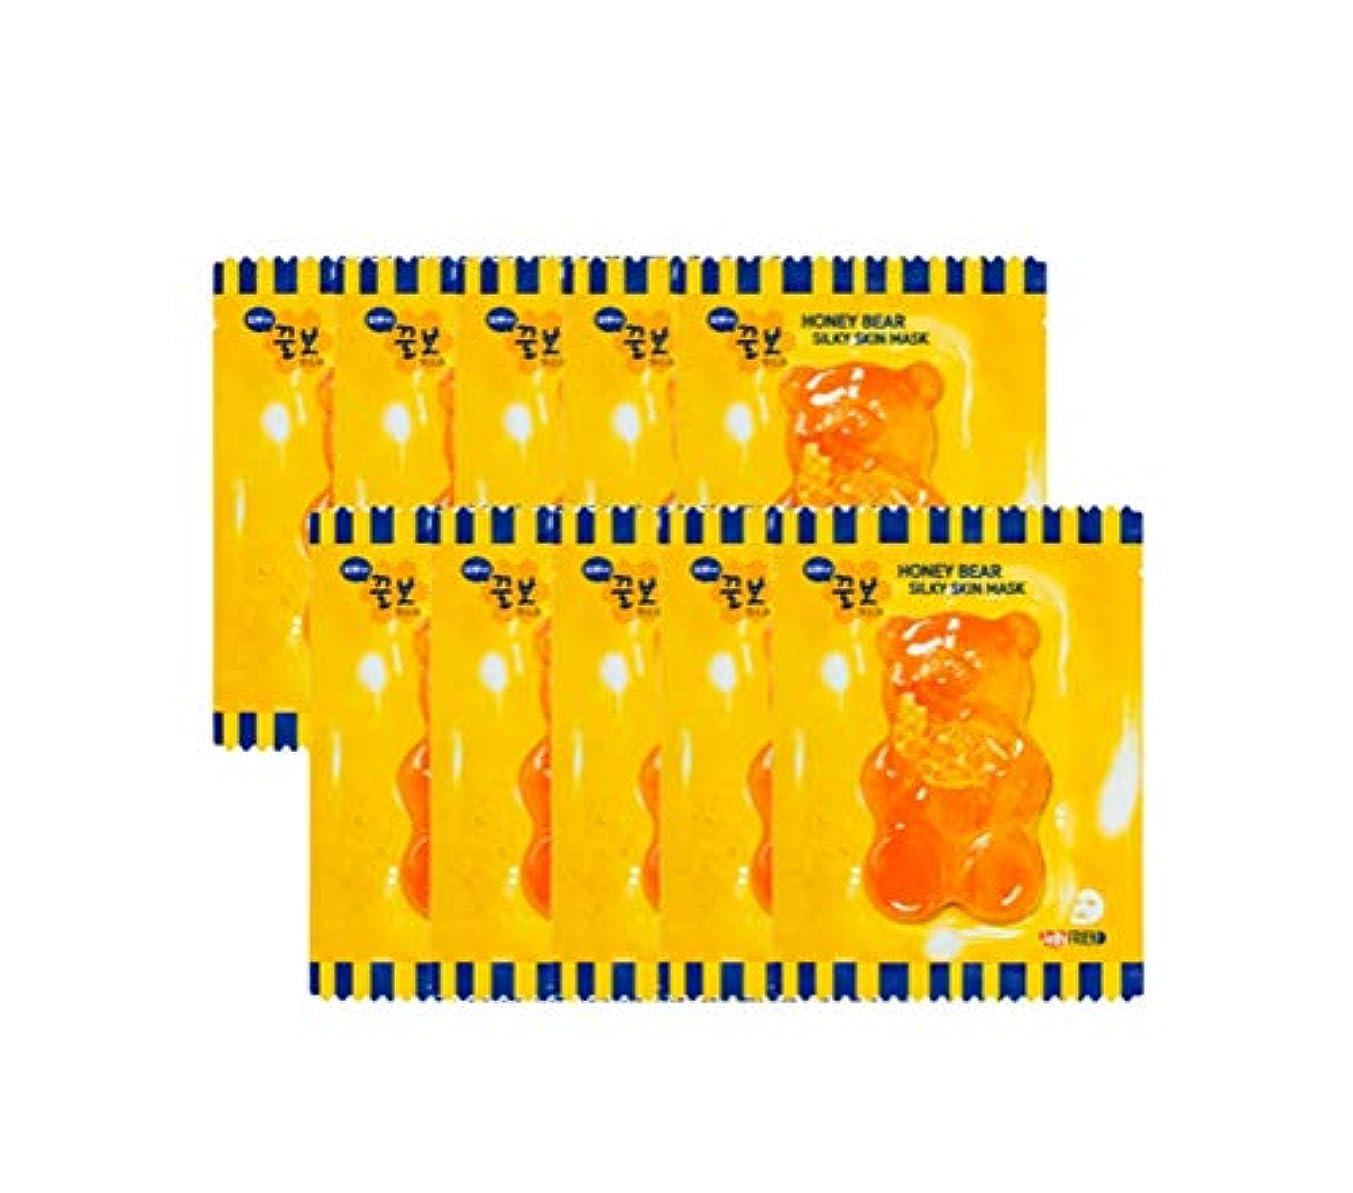 ワイド信仰追い付くJellyFRIEN Honey Bear Silky Skin Mask 10ea ロイヤルゼリー蜂蜜成分と保湿マスクパック(海外直送品)